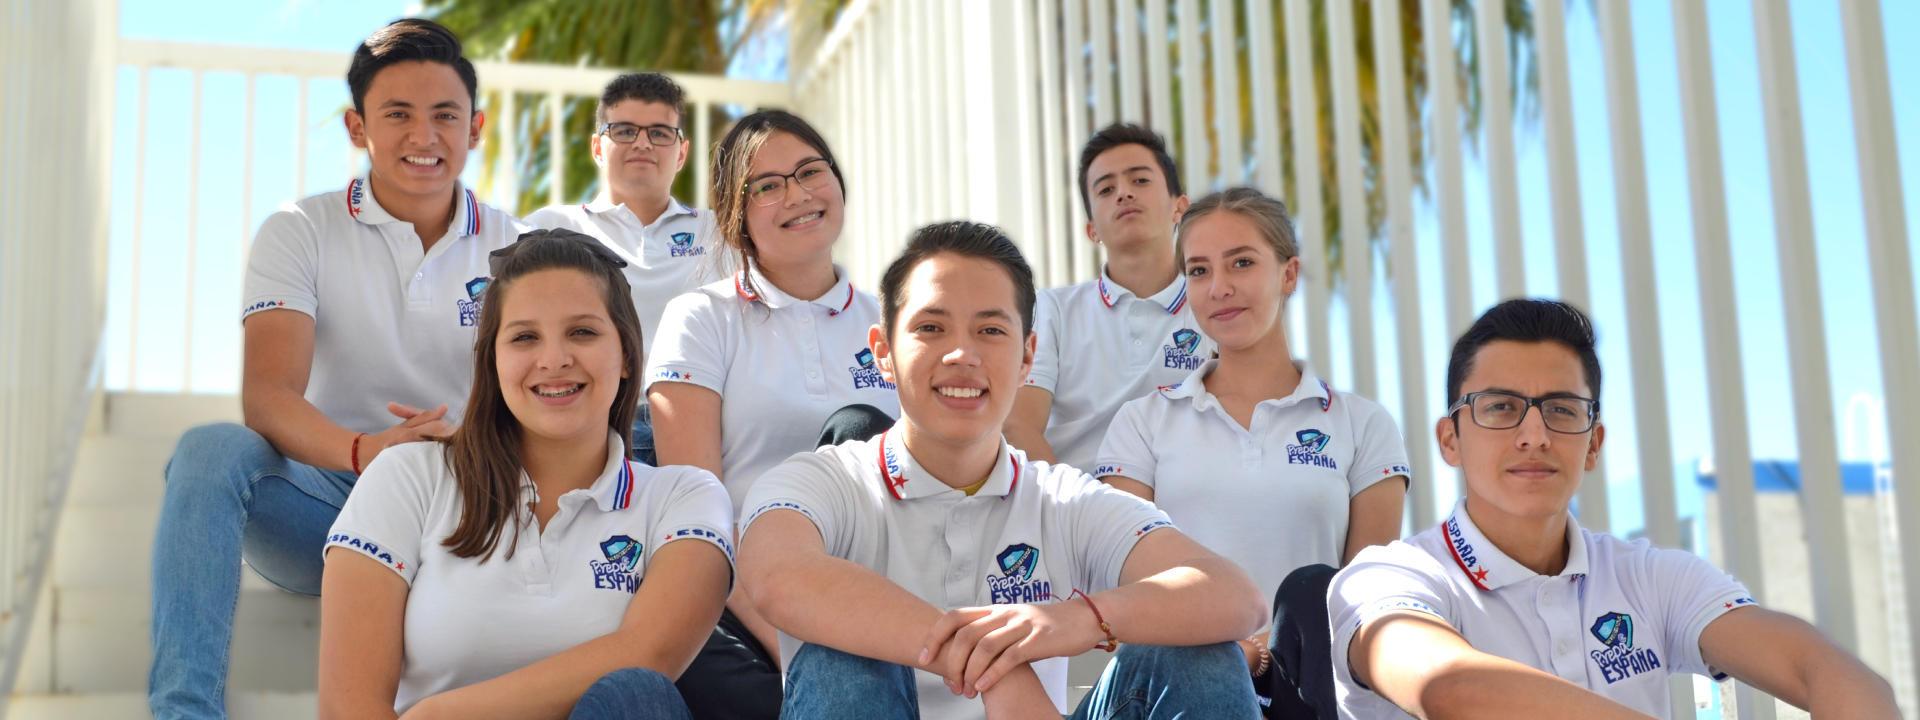 Colegio España primaria Durango